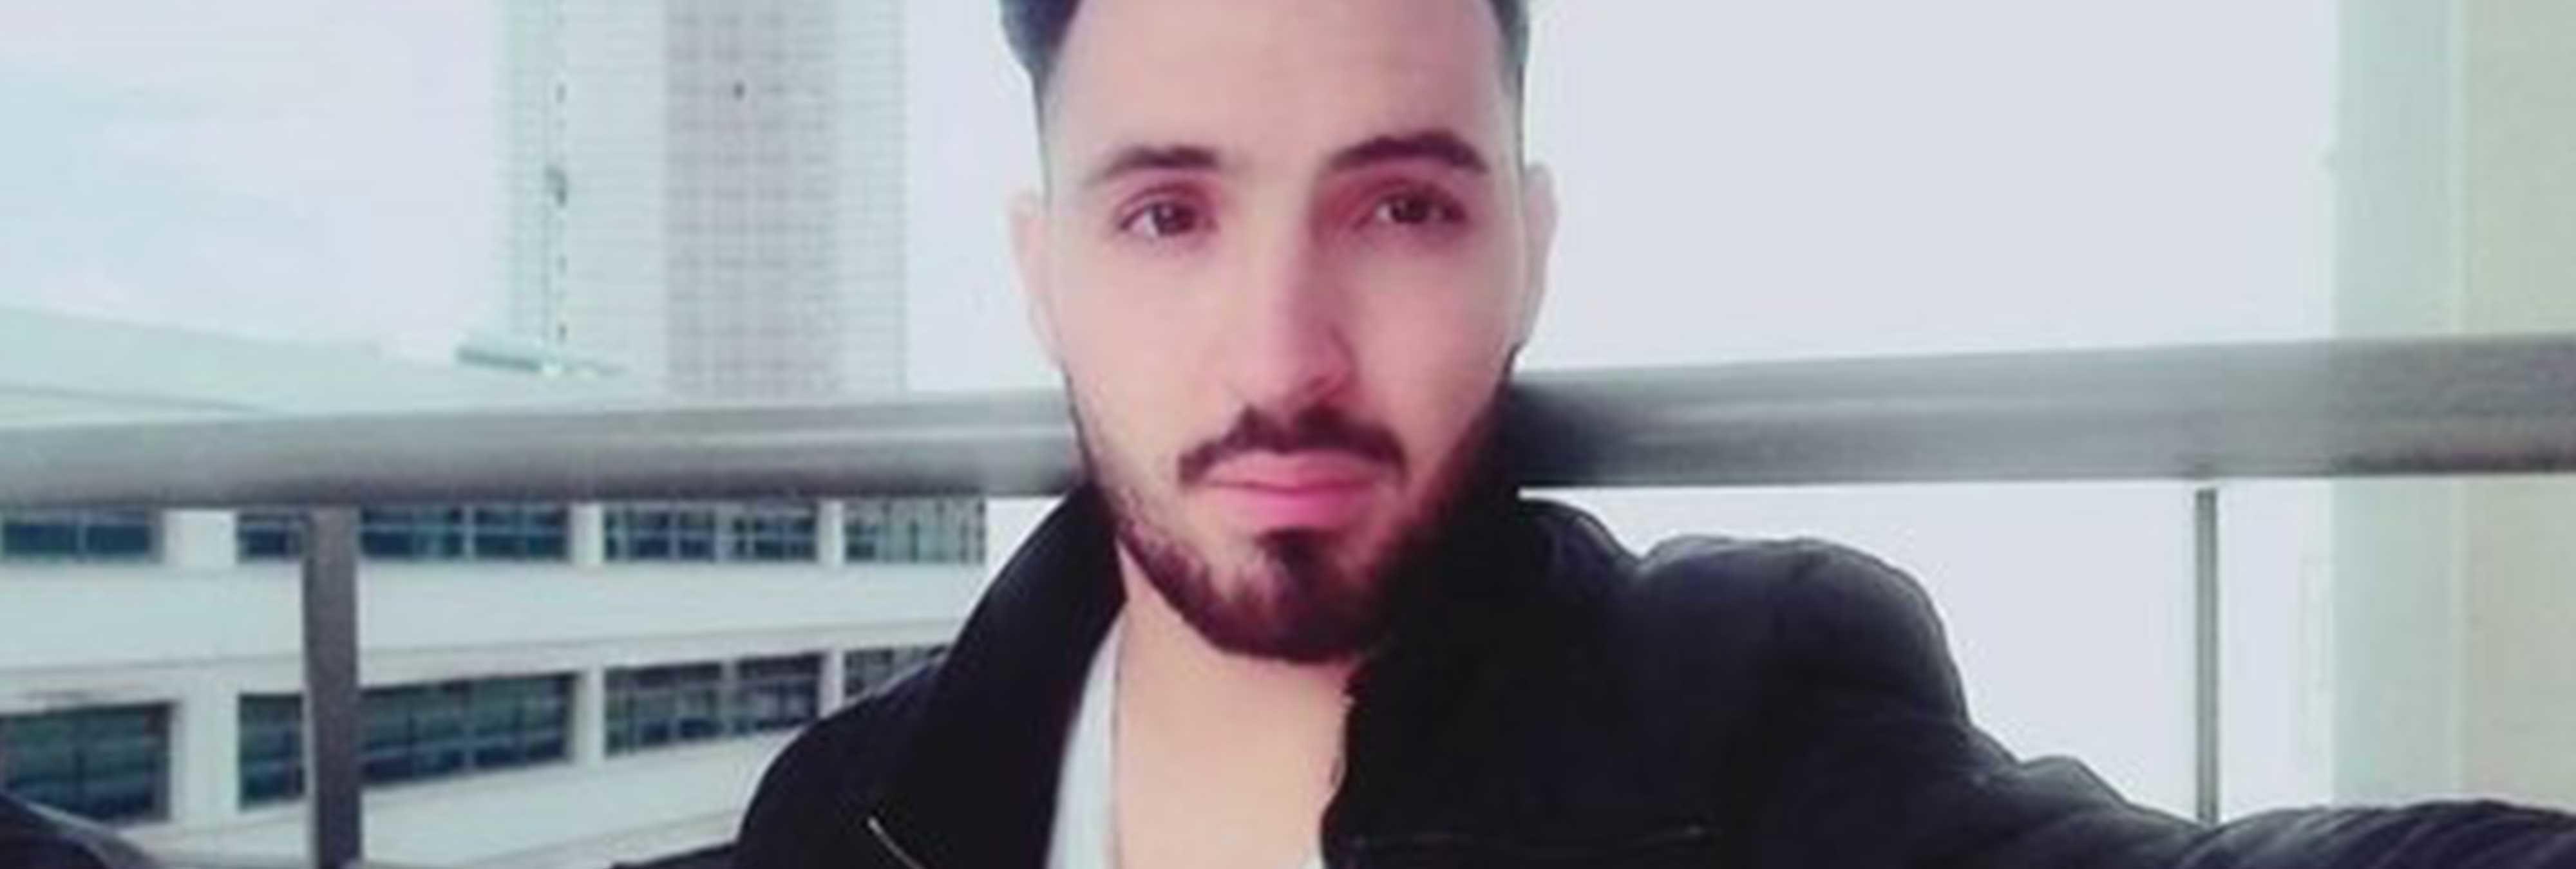 """Asesinan a un estudiante argelino y escriben en la pared """"Es gay"""" con su sangre"""